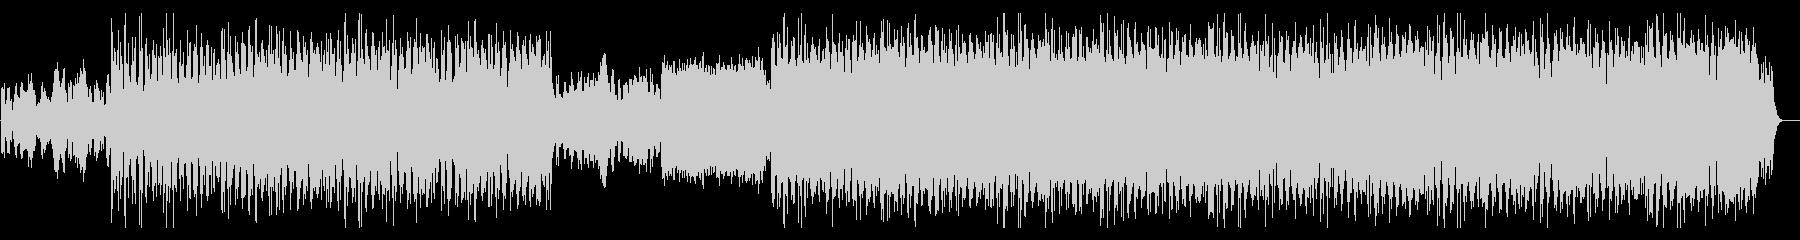 ピアノとストリングスのアンビエント作品の未再生の波形